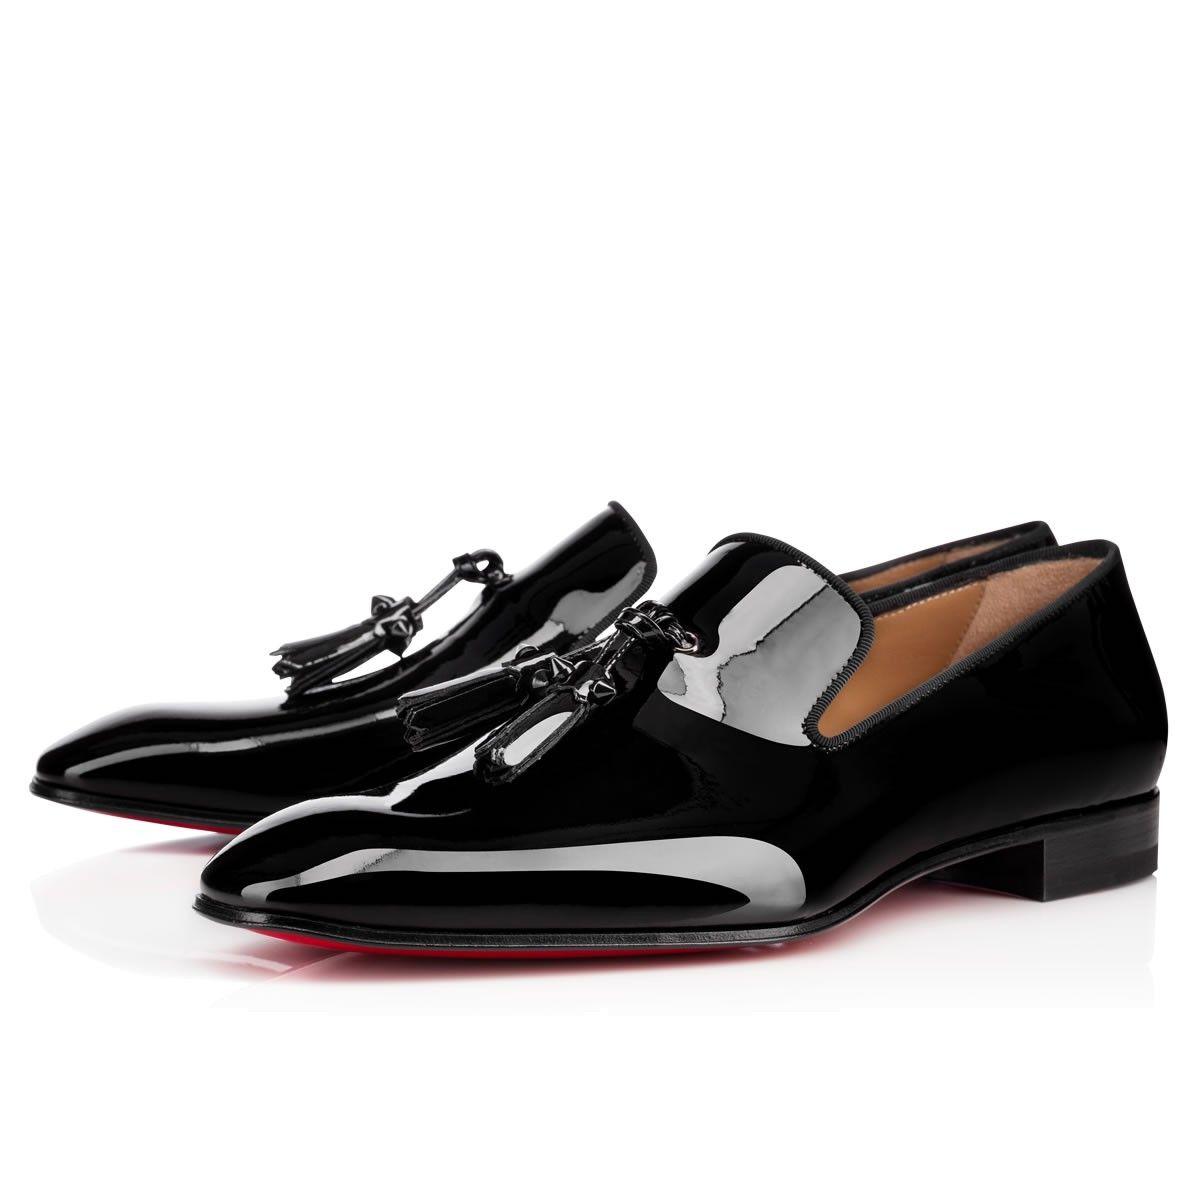 2019 Sıcak Satış Beyaz Dikenler ile Mavi Burun Kırmızı Alt Erkekler Dikenler Flats Louflat Pik Pik Orlato Erkekler Düz Yüksek Cut Açık Ayakkabı Spor